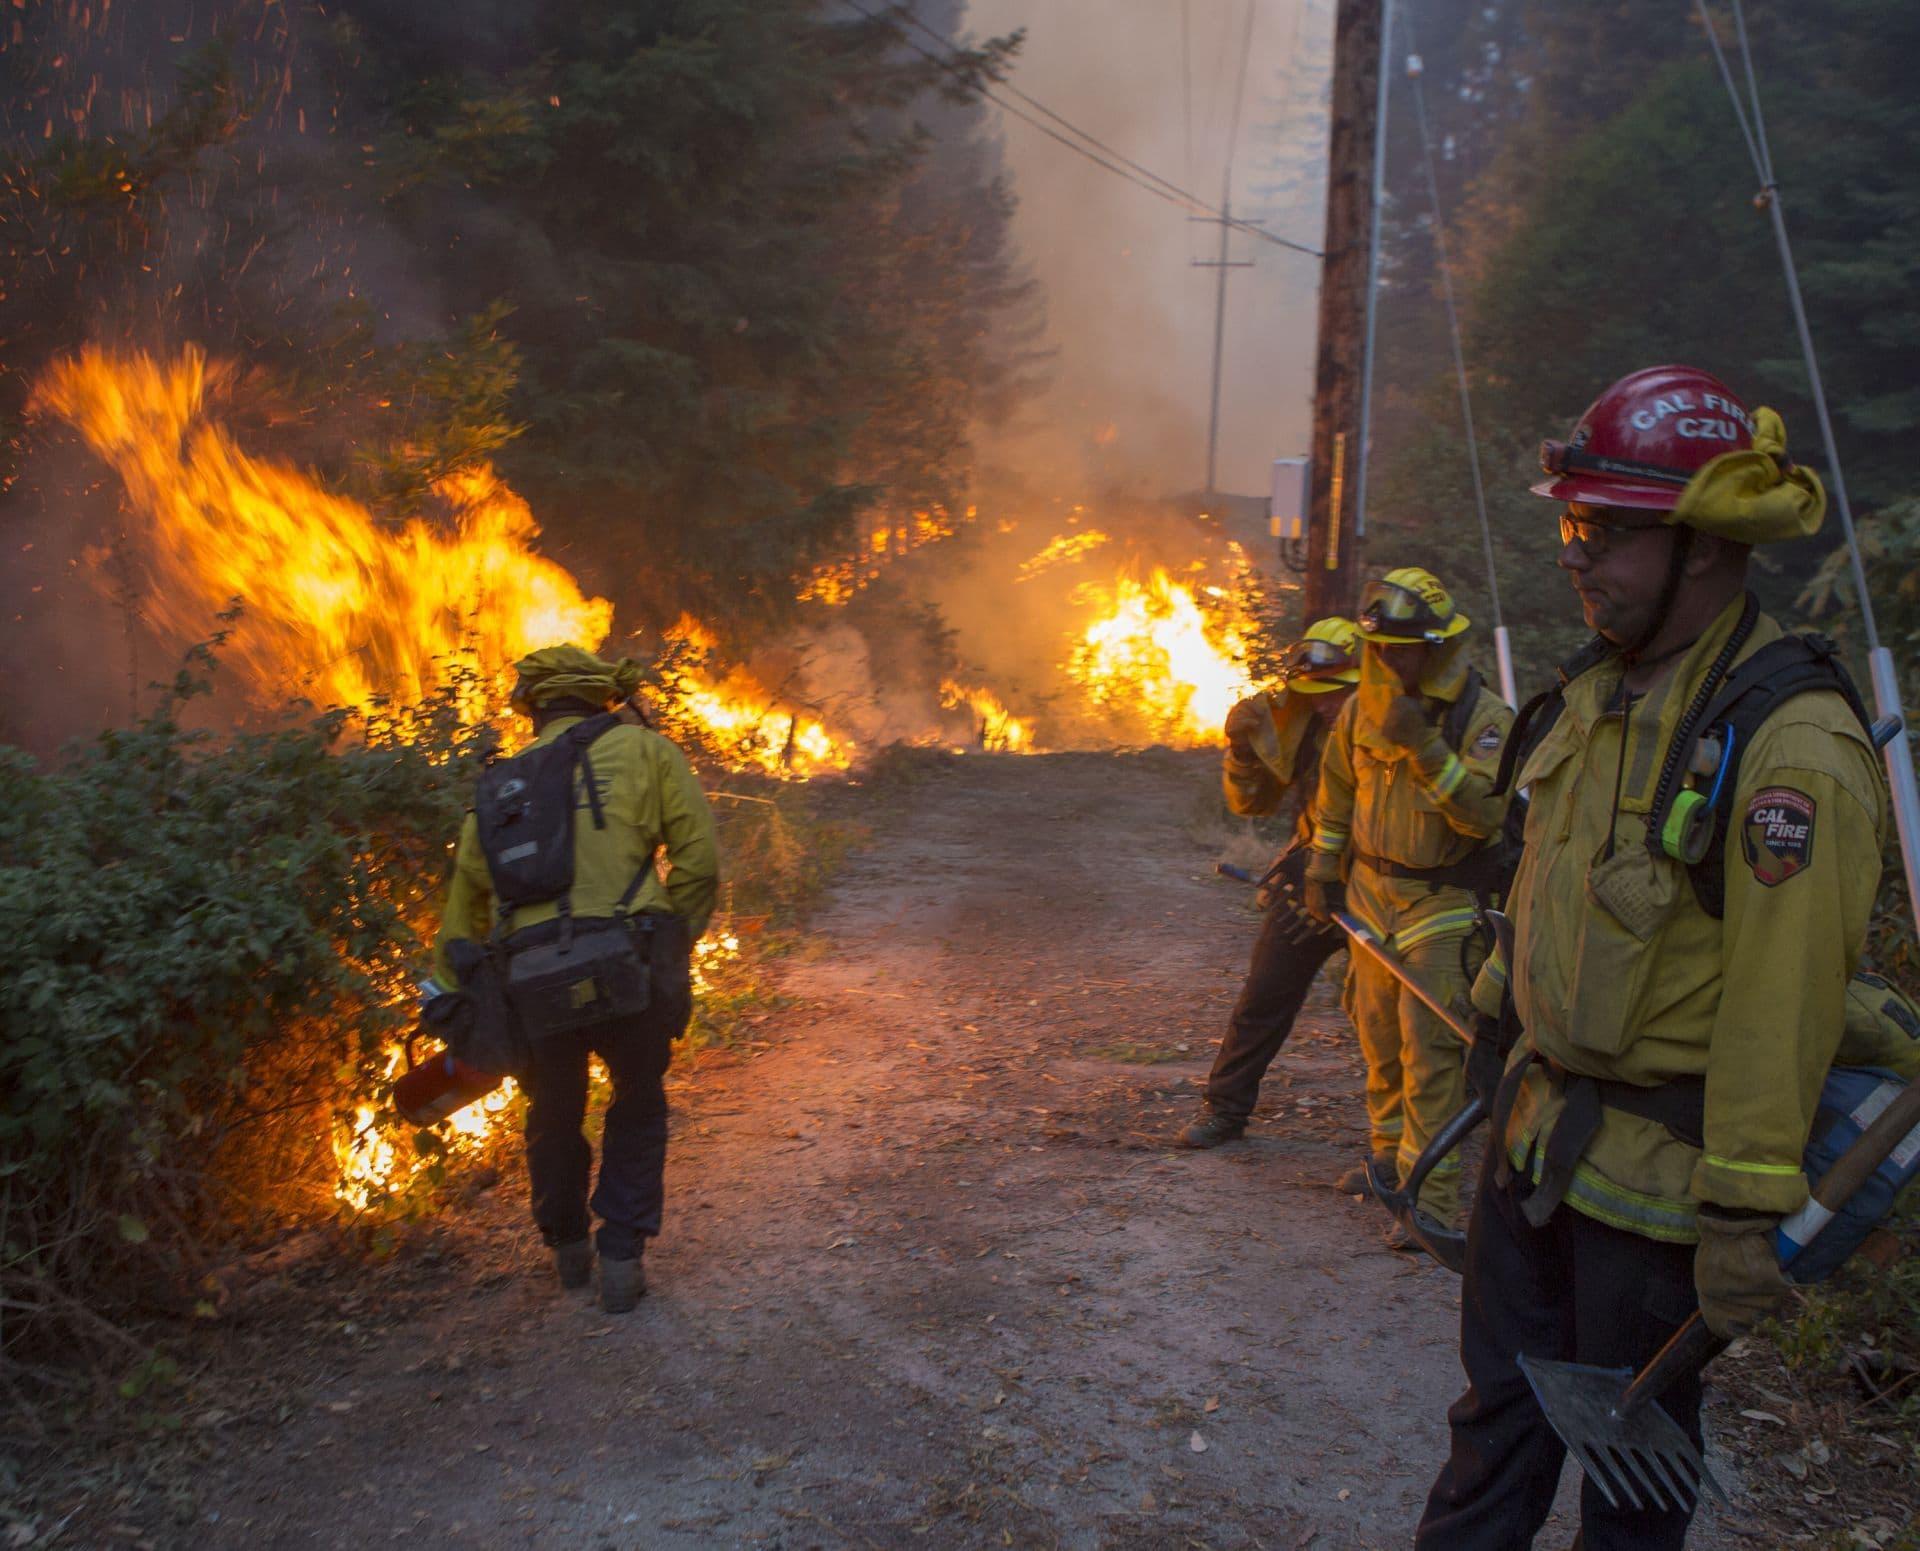 CalFire firefighting team sets a backfire along a dirt road.